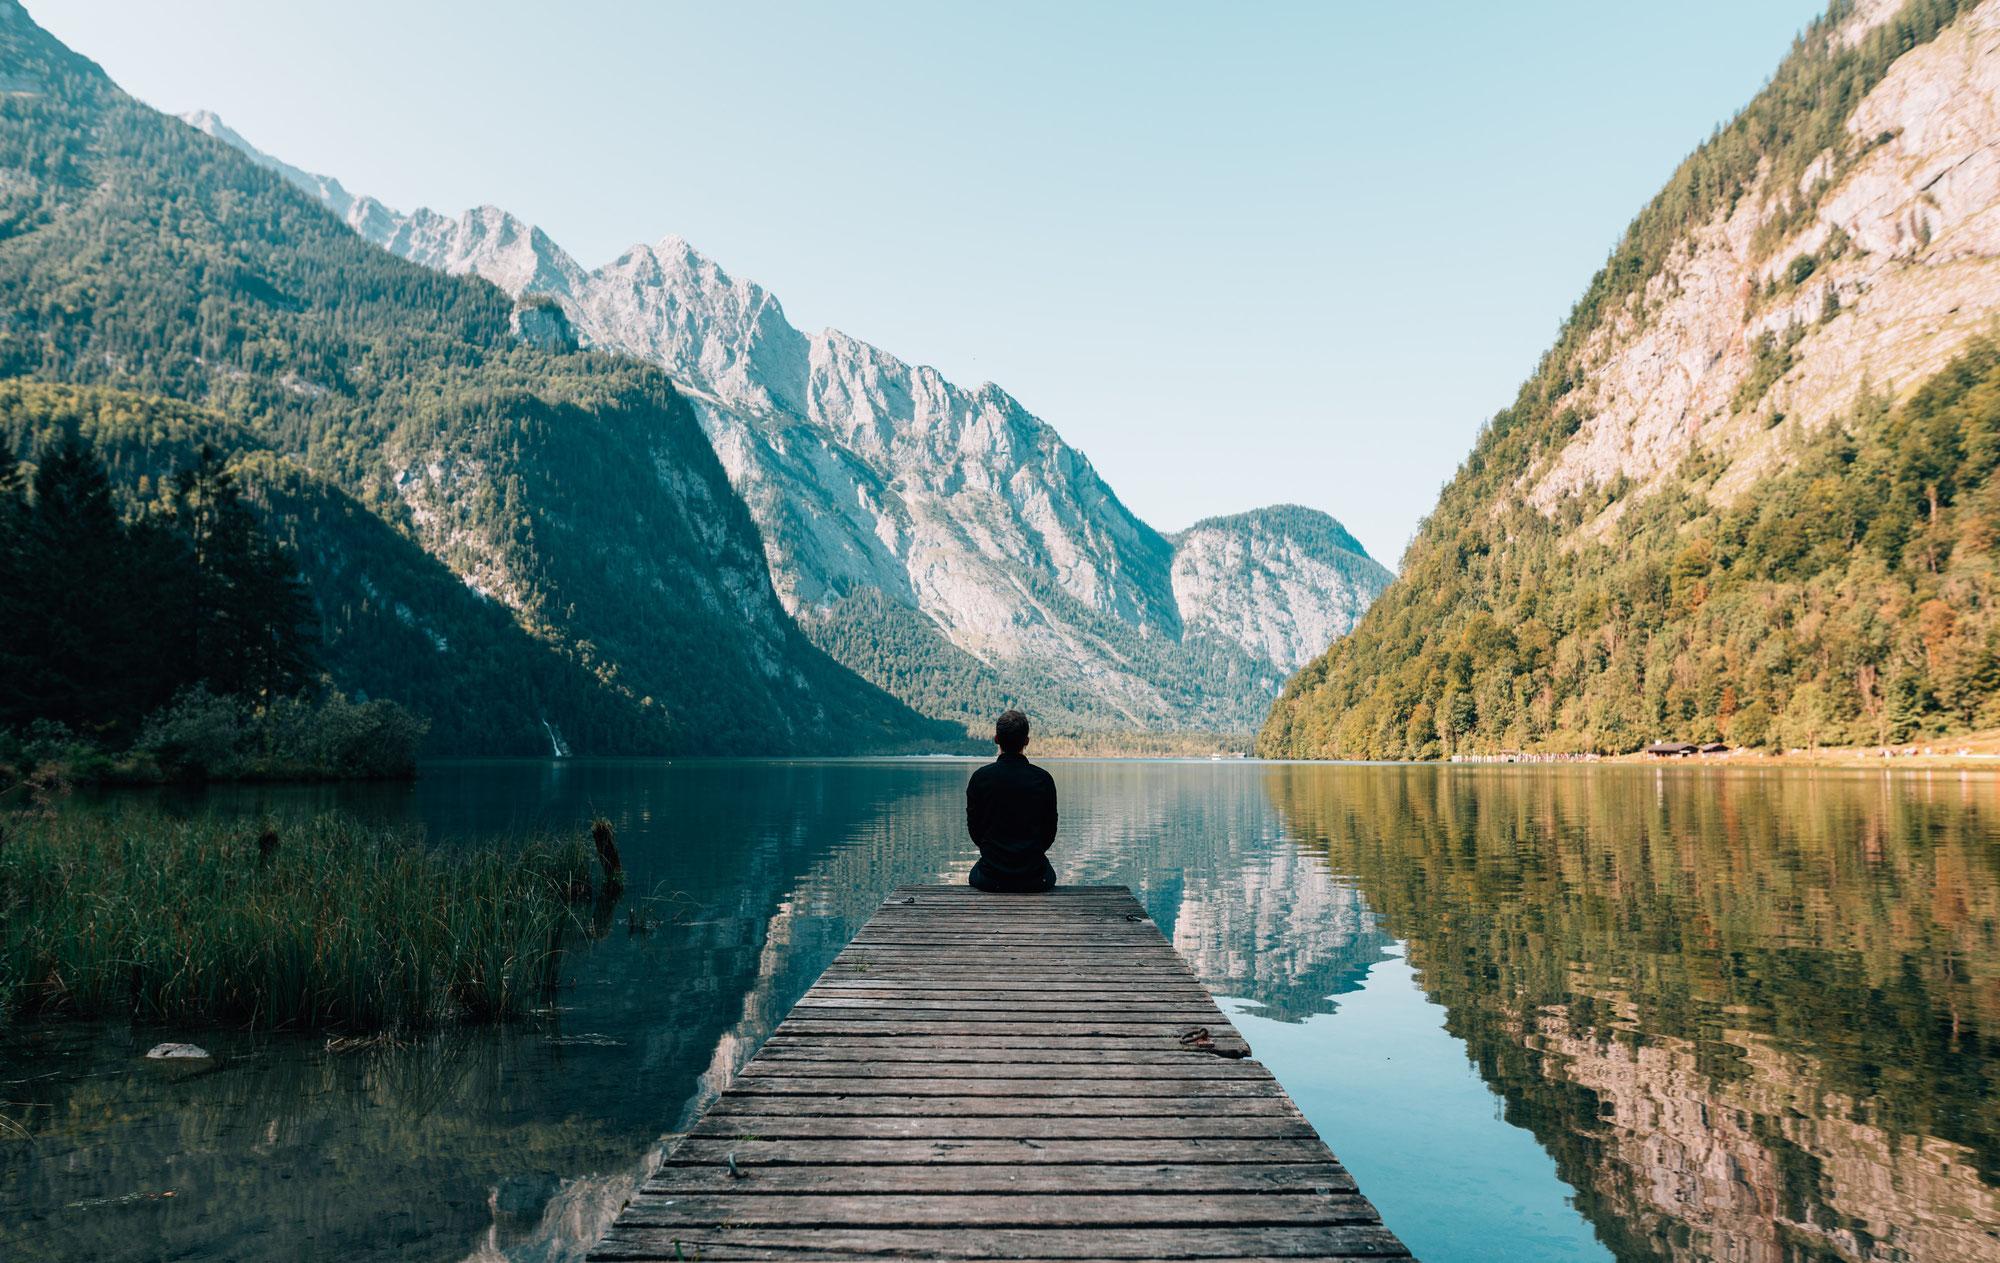 Stille und Alleinsein - Quellen innerer Kraft